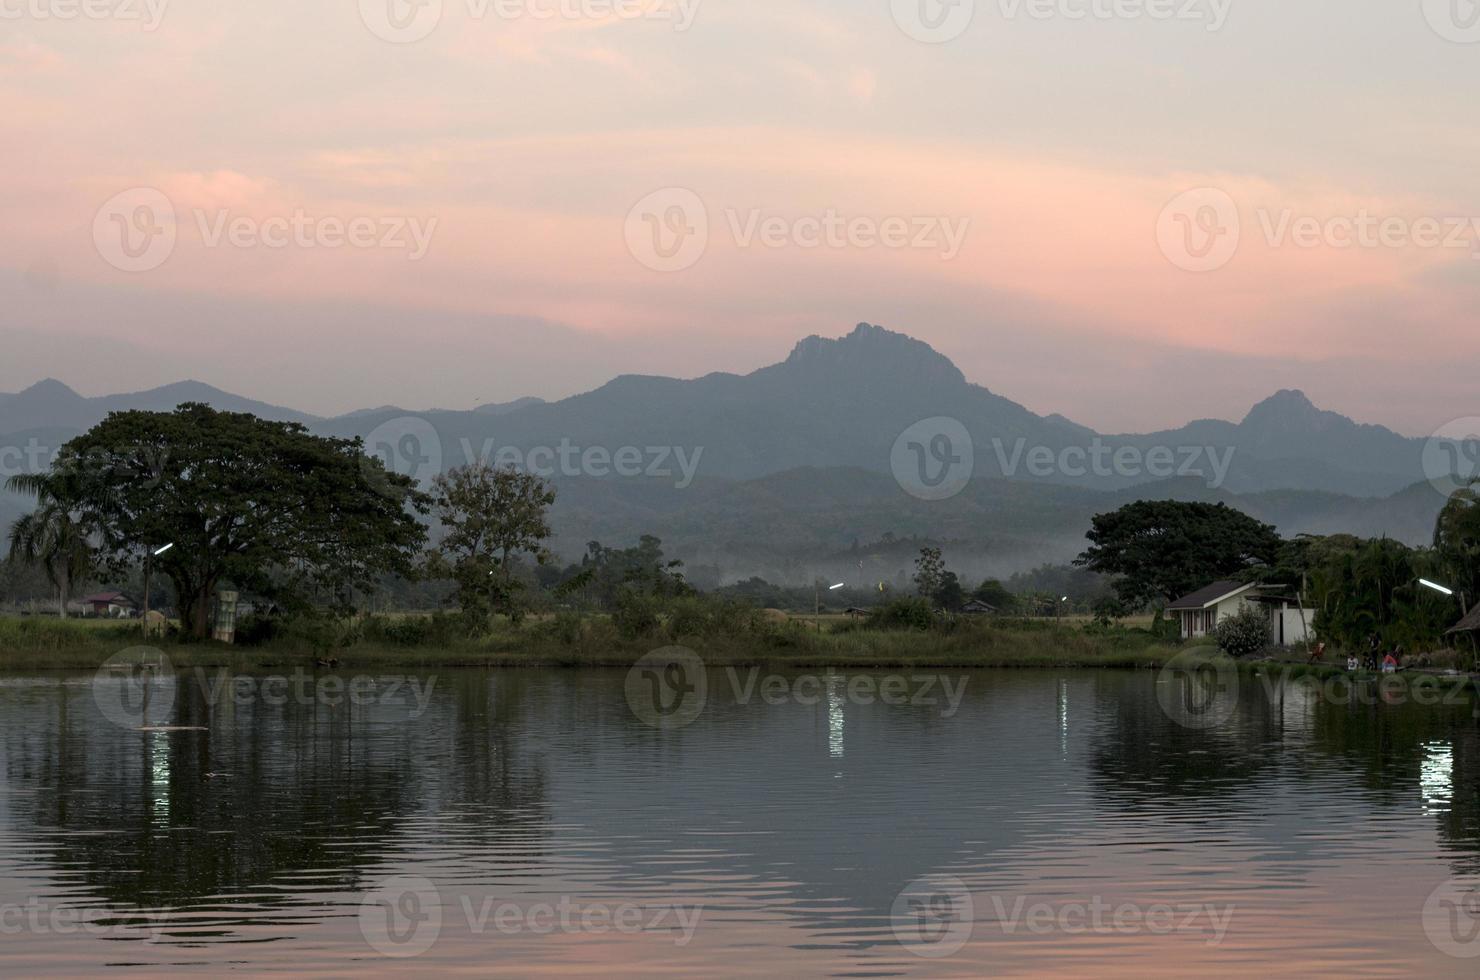 montagne derrière le lac en Thaïlande photo